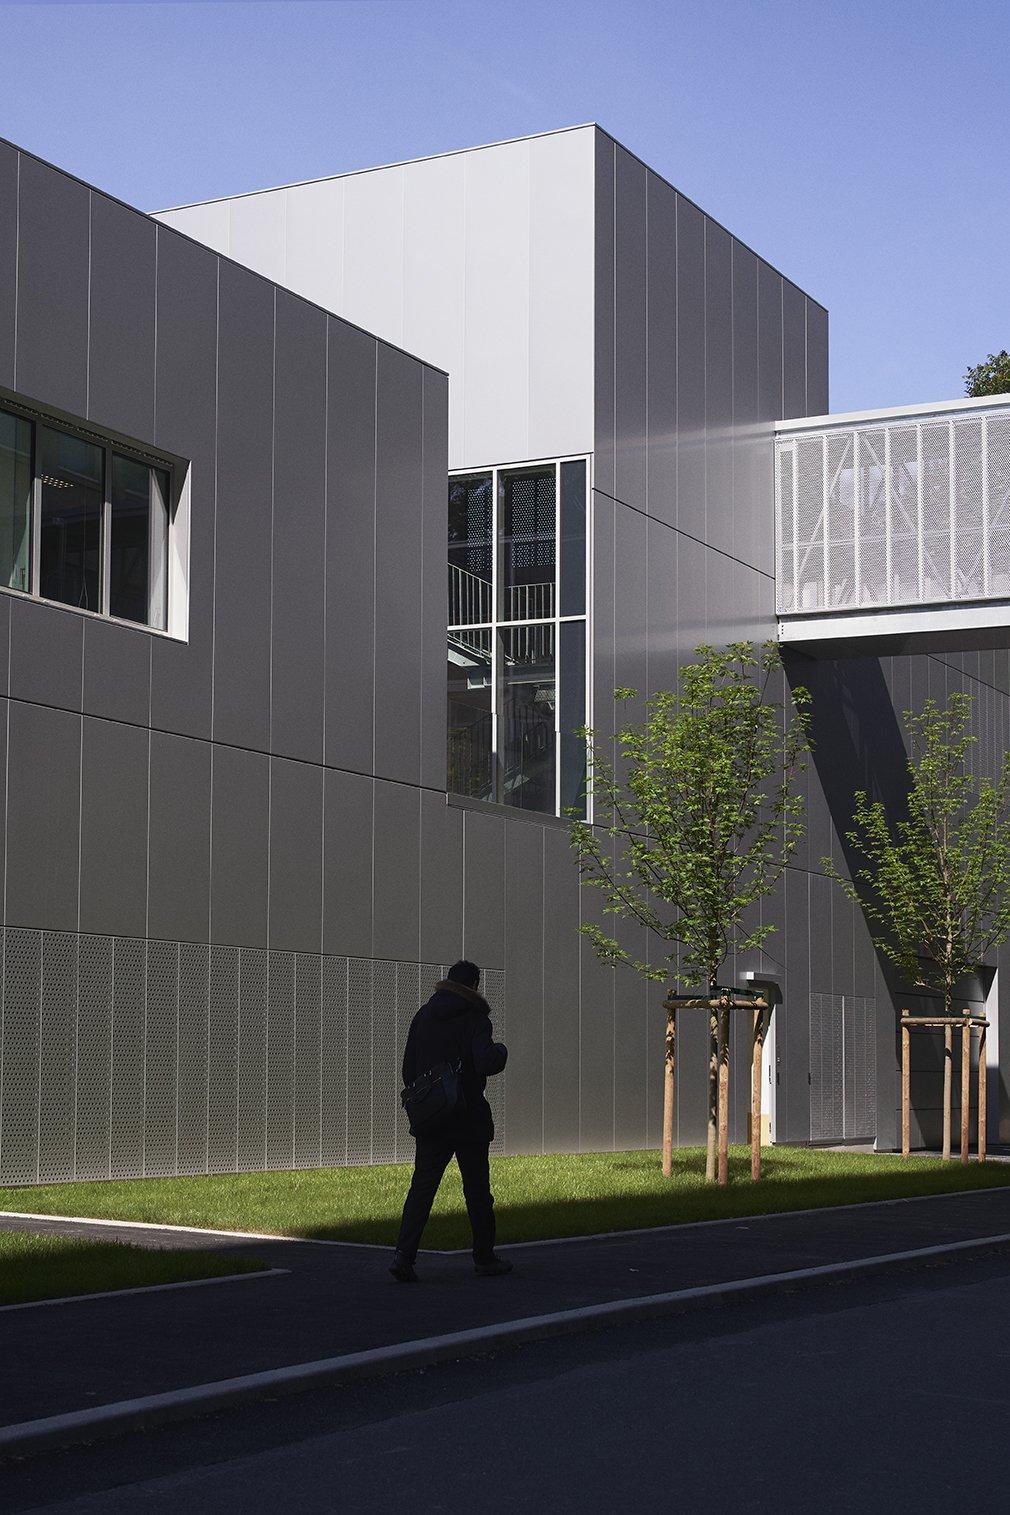 https://www.transform-architecture.com/wp-content/uploads/2020/12/TRANSFORM-Centre-exploration-fonctionnelle-Jussieu-12.jpg